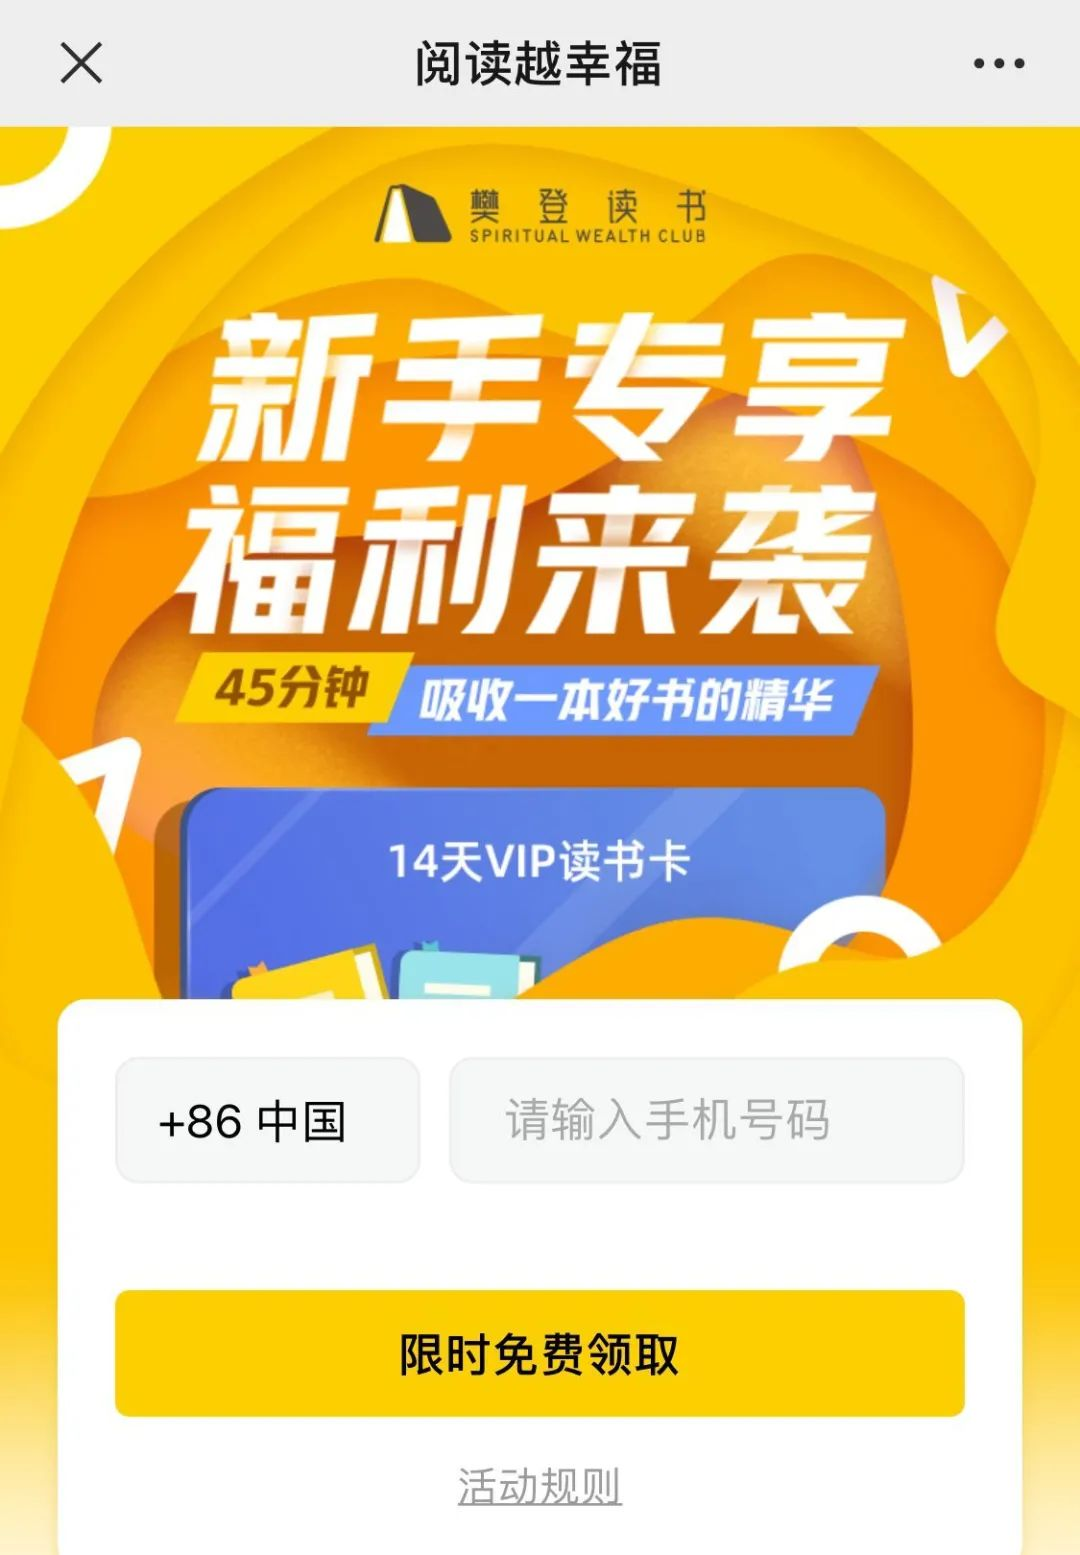 免费领樊登读书会员7+14天!